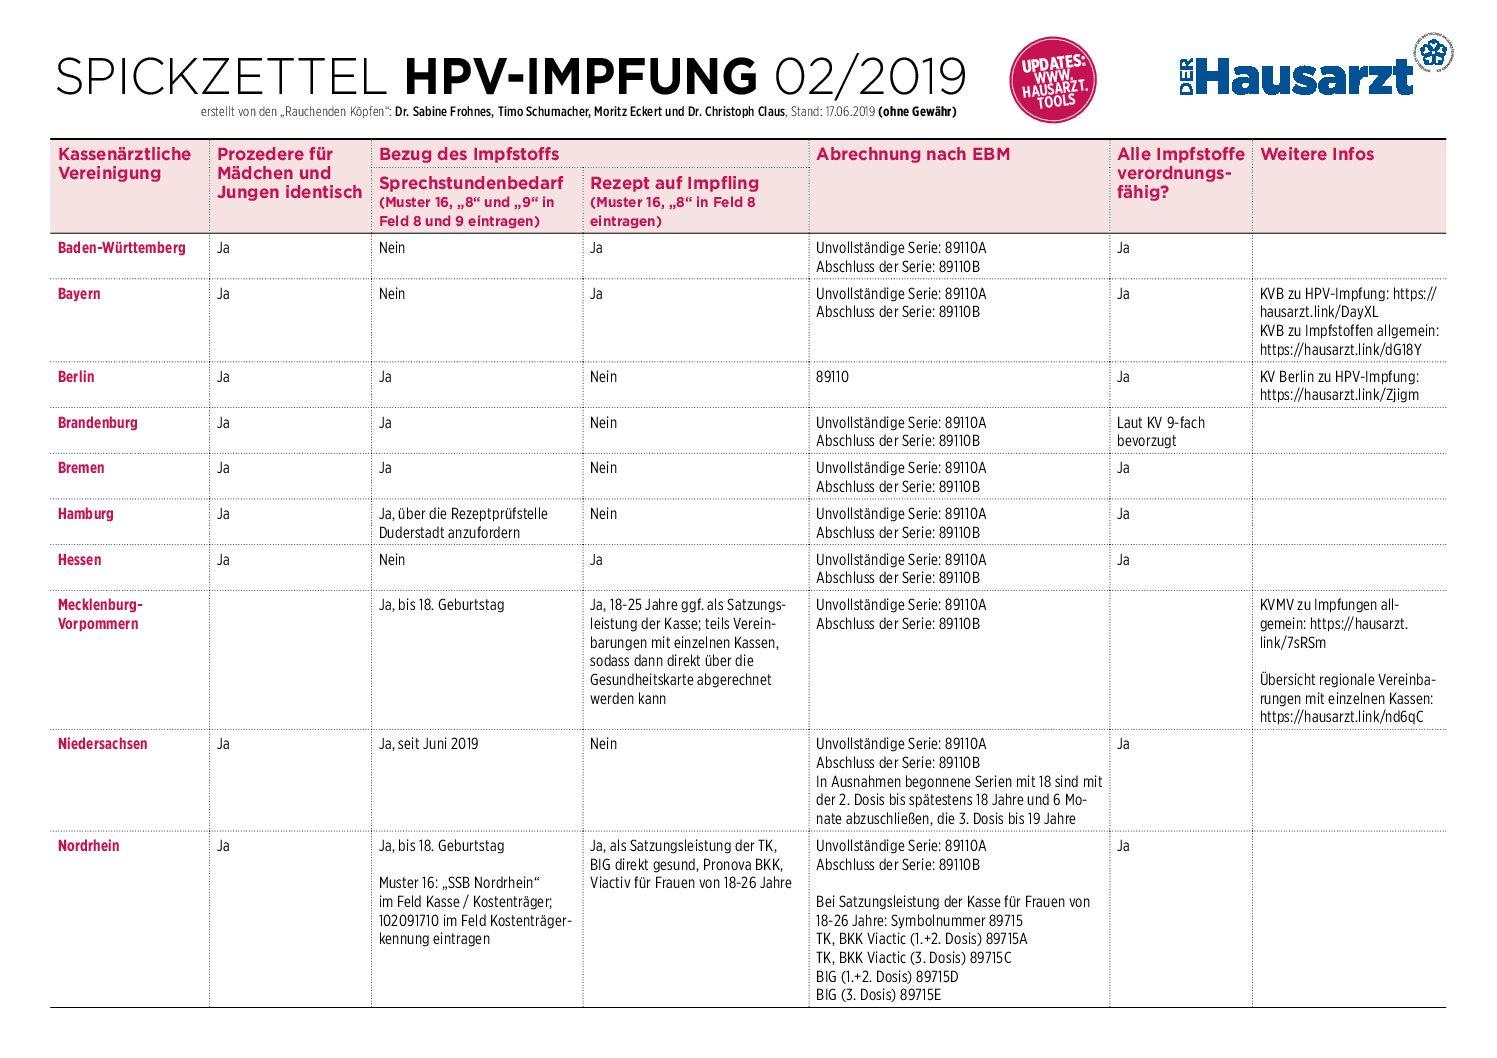 hpv impfung jungen hessen